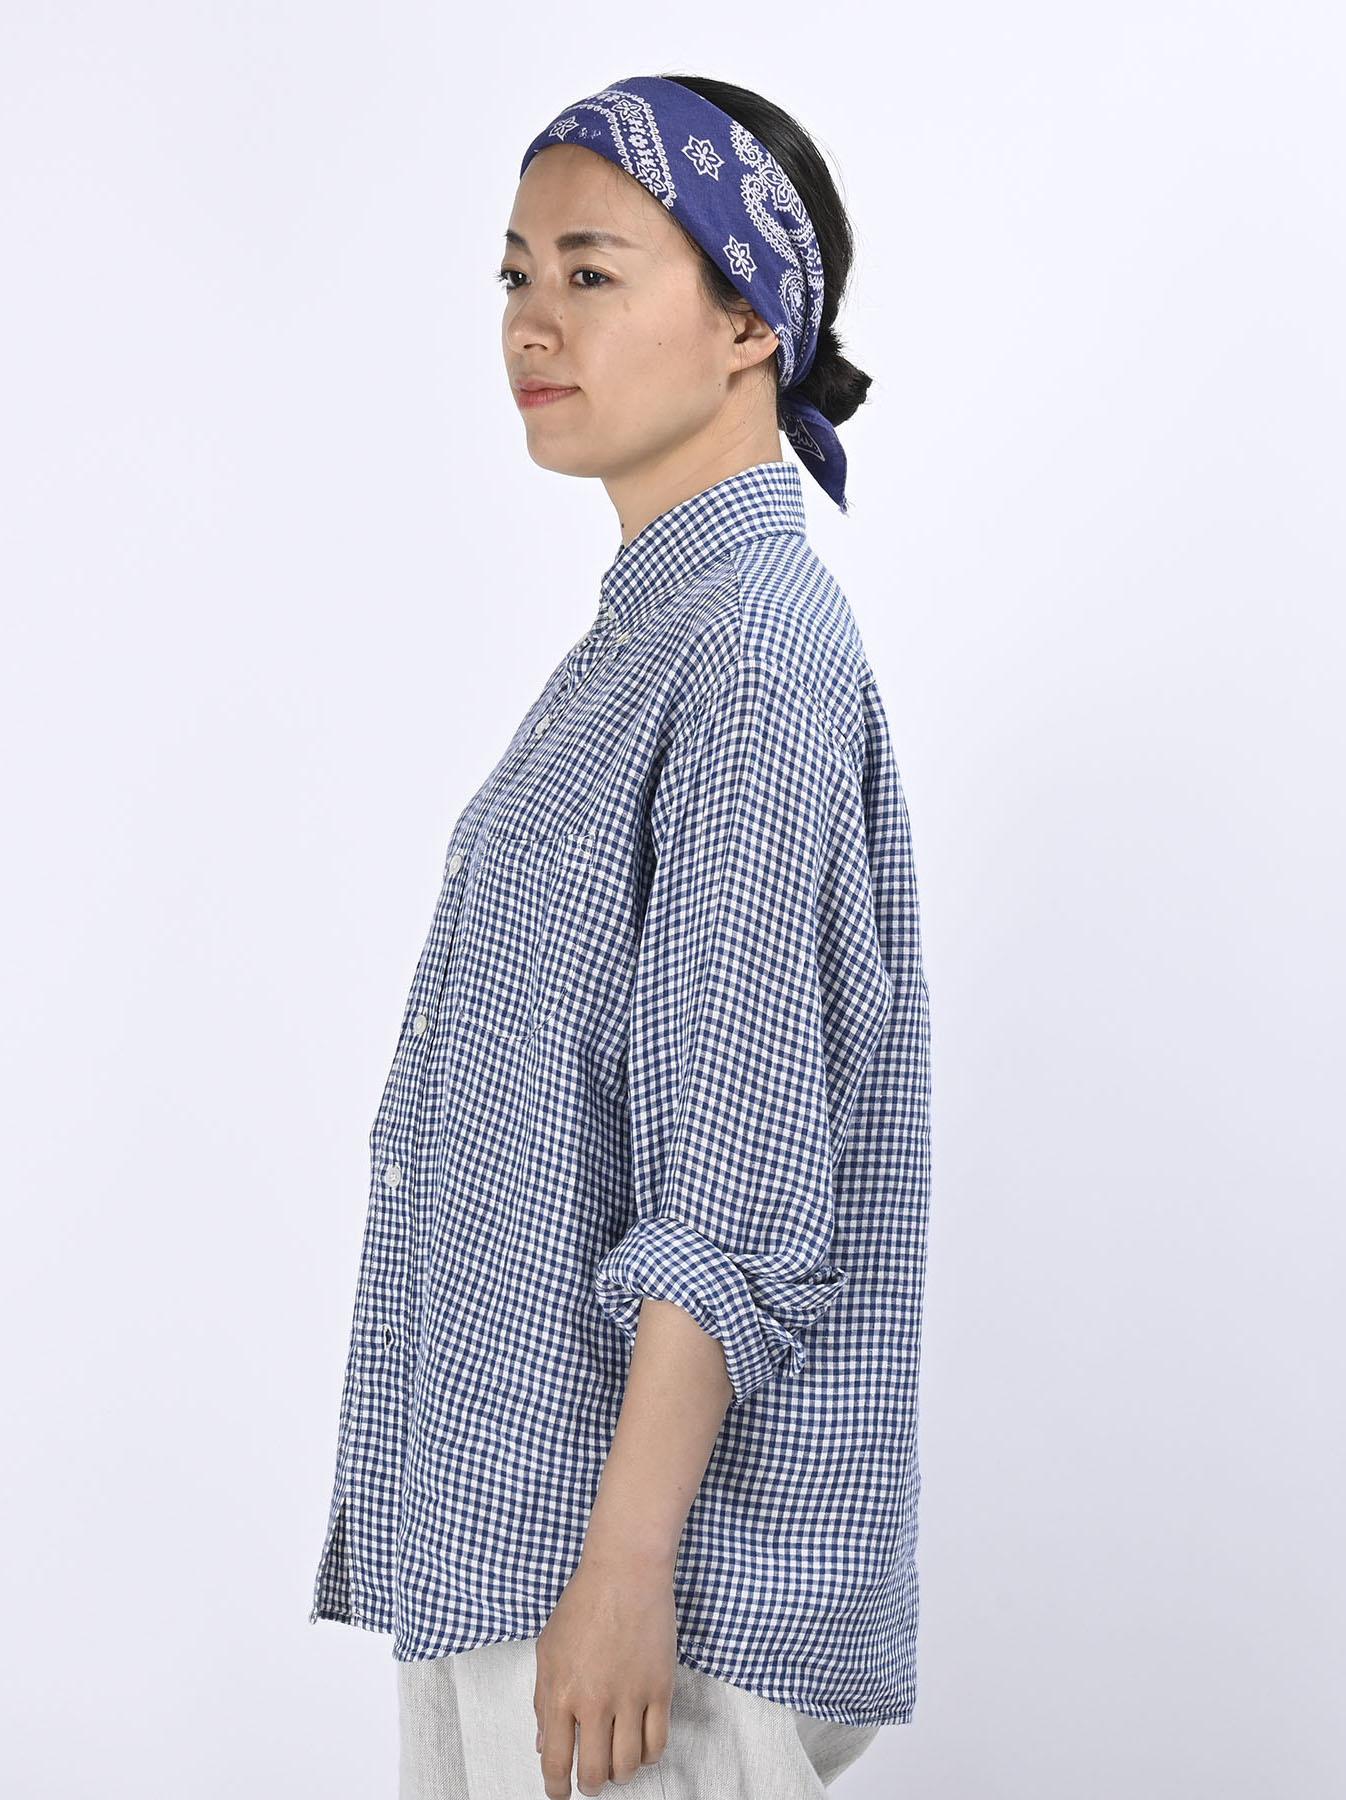 Indian Linen Flat 908 Ocean Shirt (0521)-4